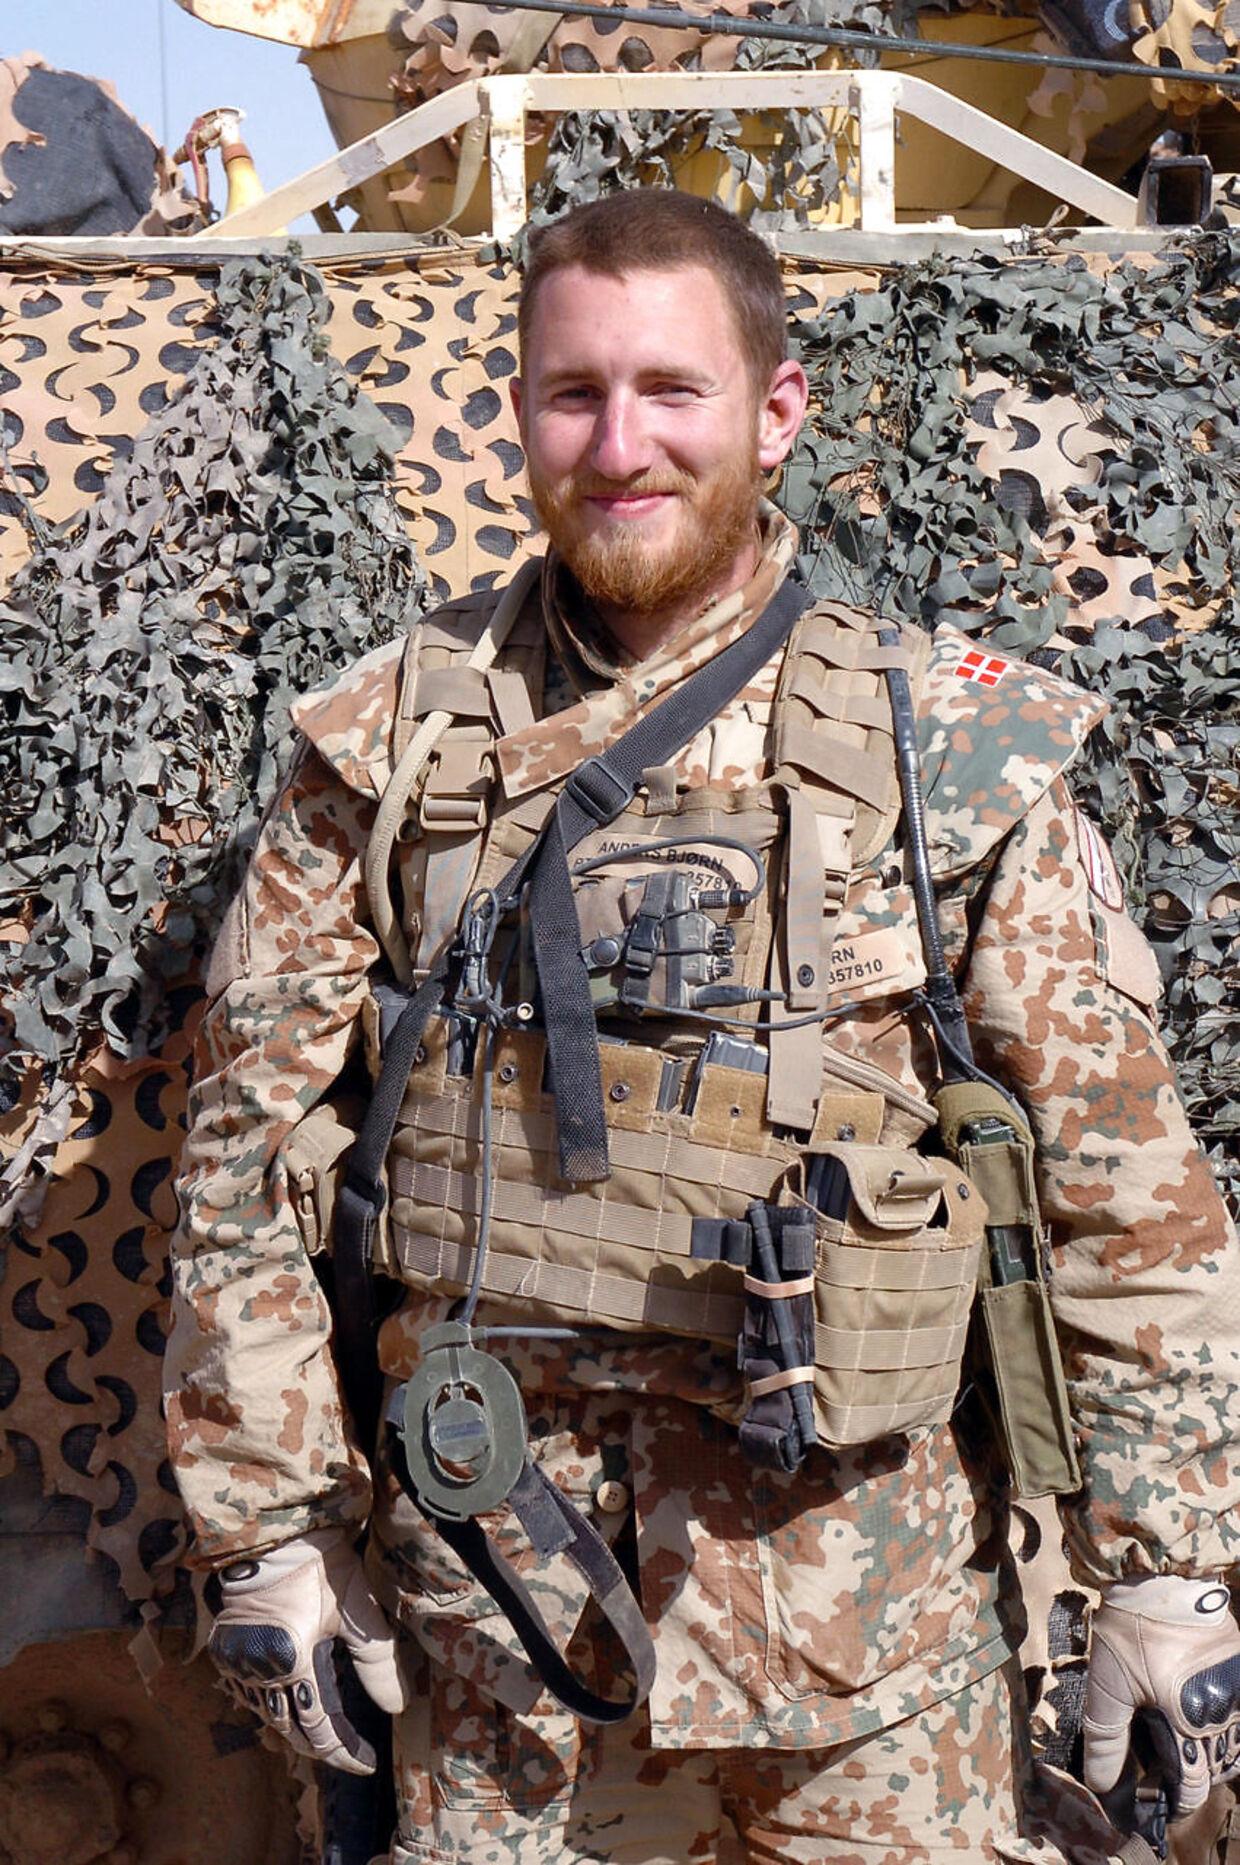 En nedgravet sprængladning dræbte konstabel Anders Bjørn Storgaard fra Odin-kompagniet.